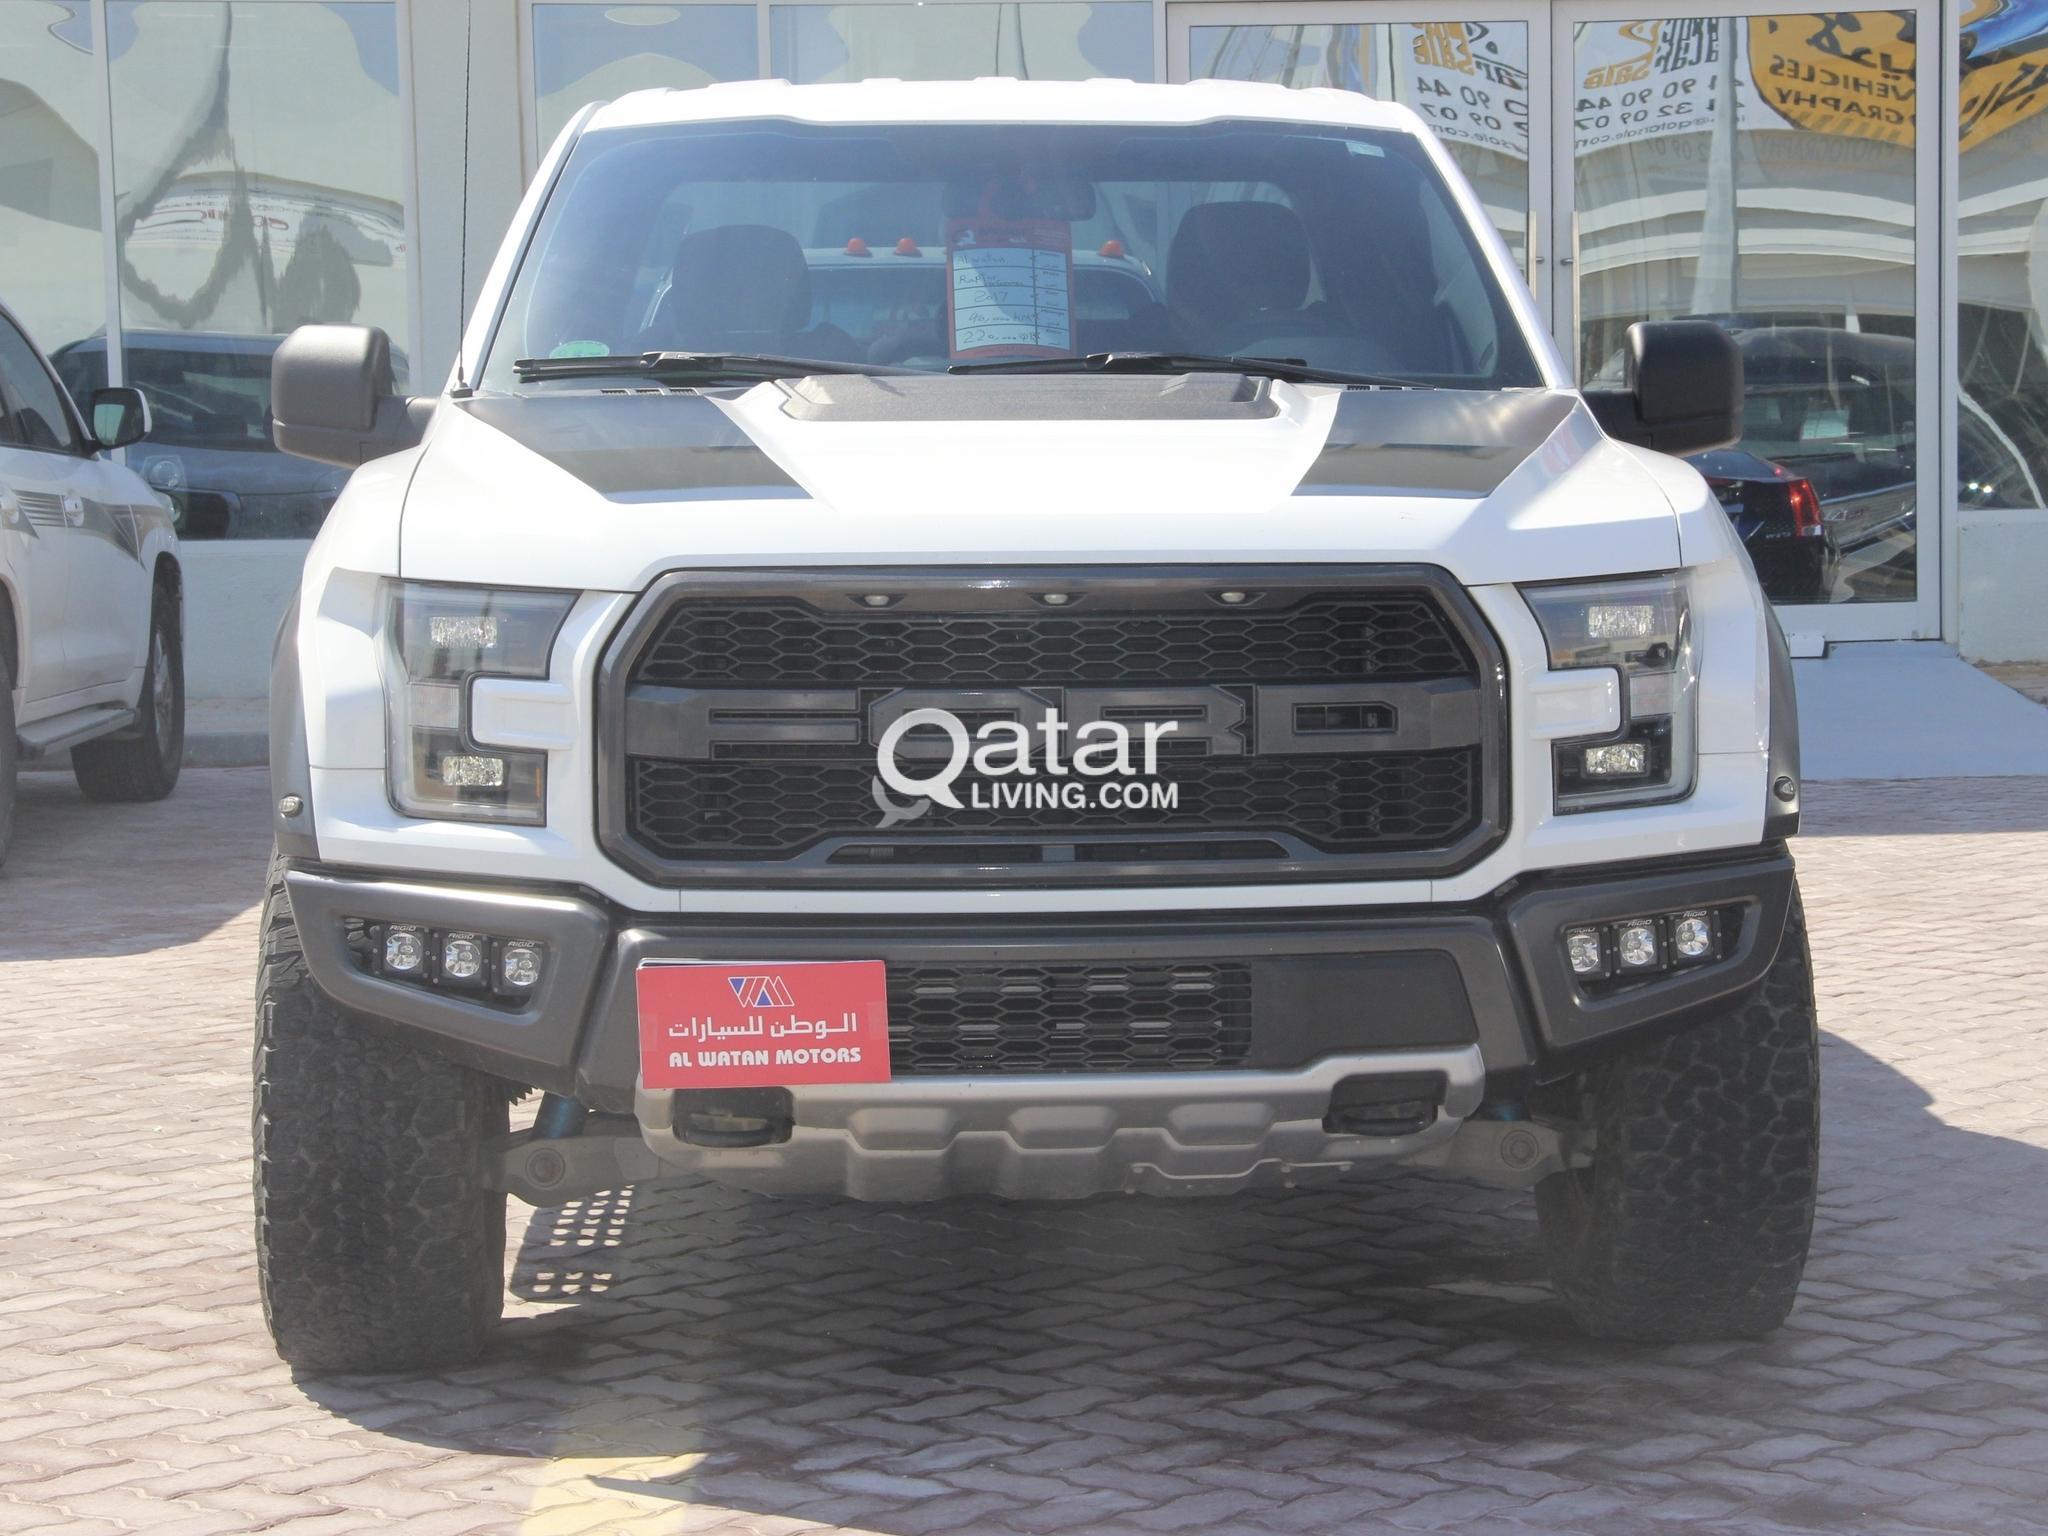 Ford F 150 Raptor 2017 Qatar Living